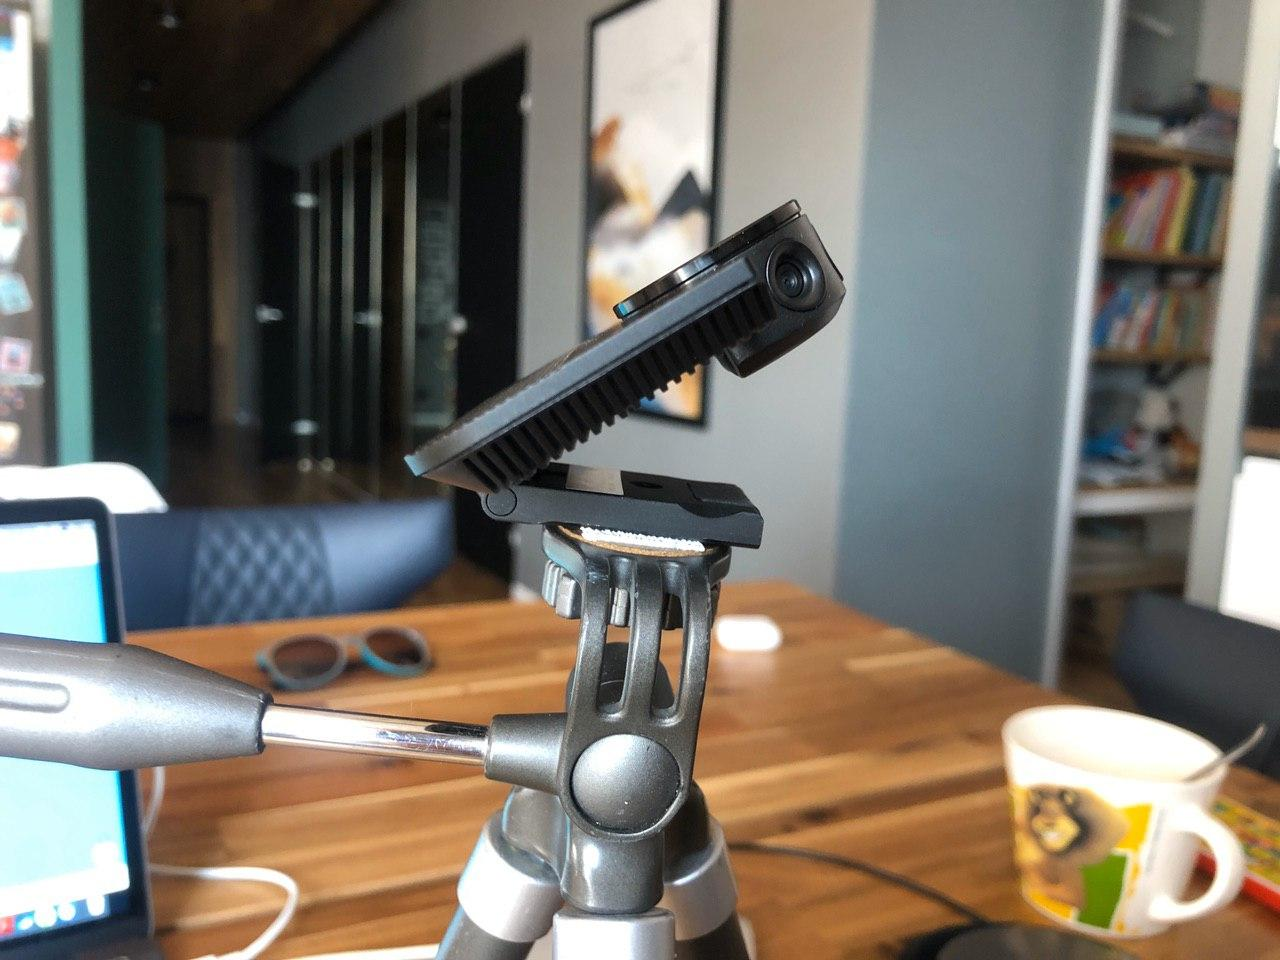 Собрал на Jabra Panacast комбайн для видеоконференций, плюс и минусы для офиса и дома - 11